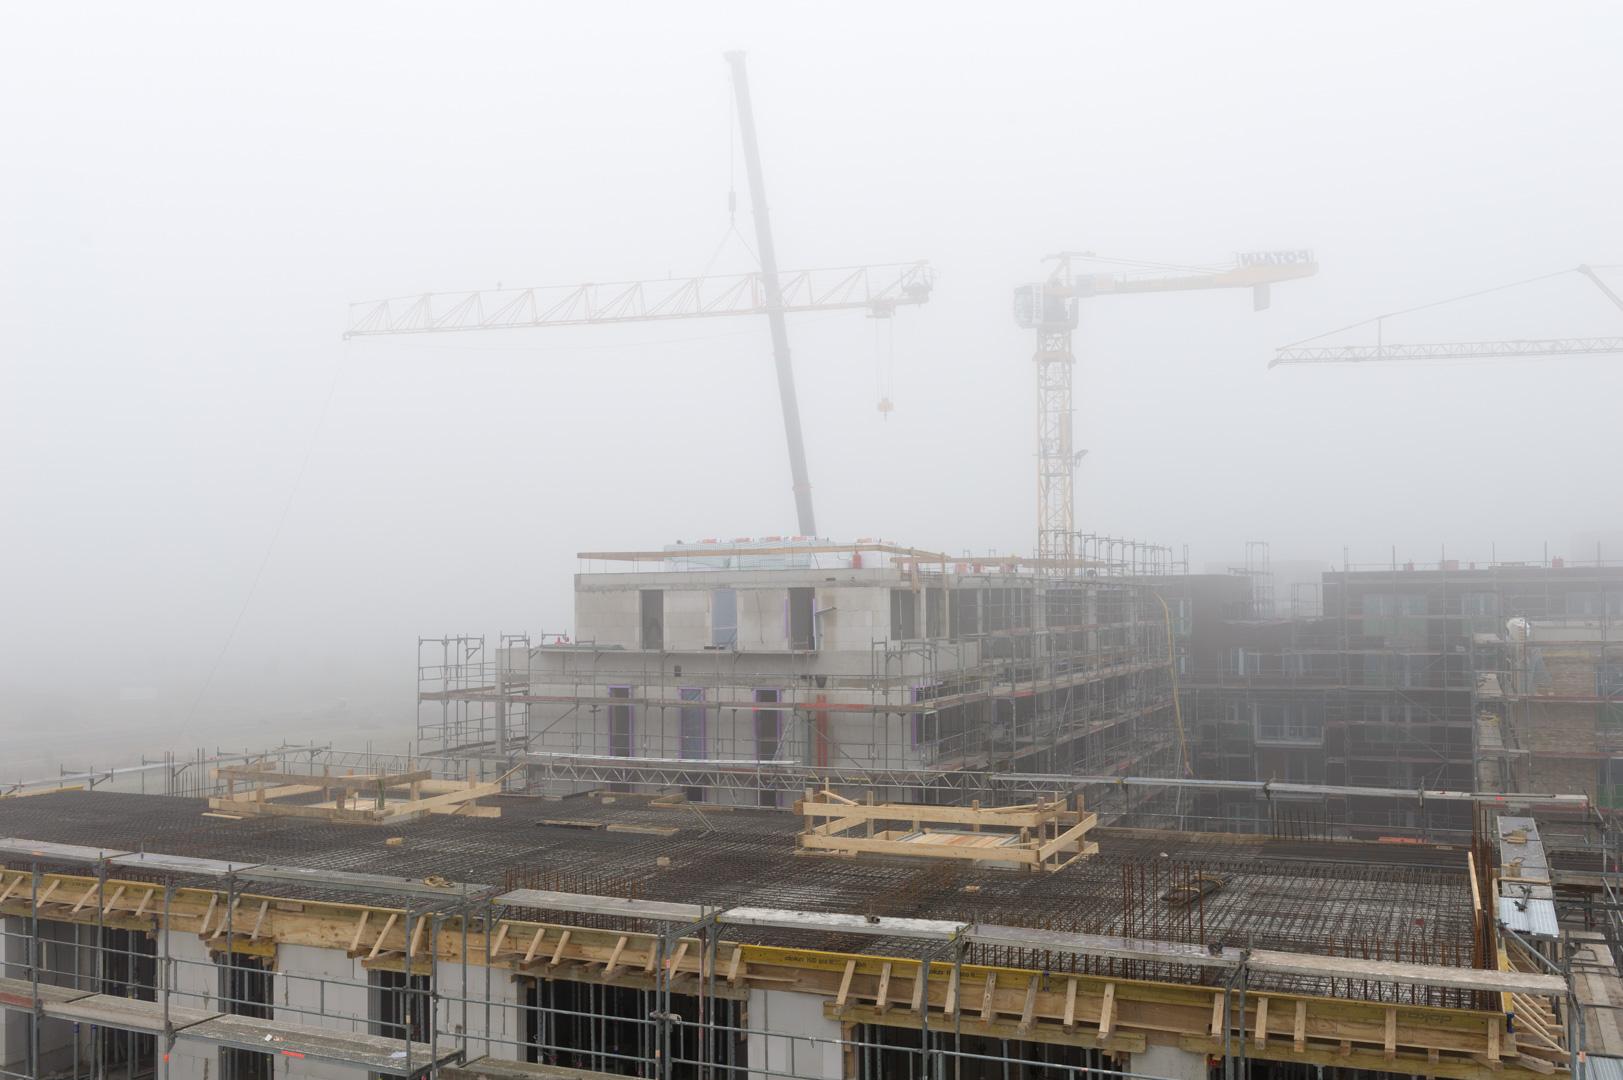 Baustelle Bremen Magellan Quartier im Nebel